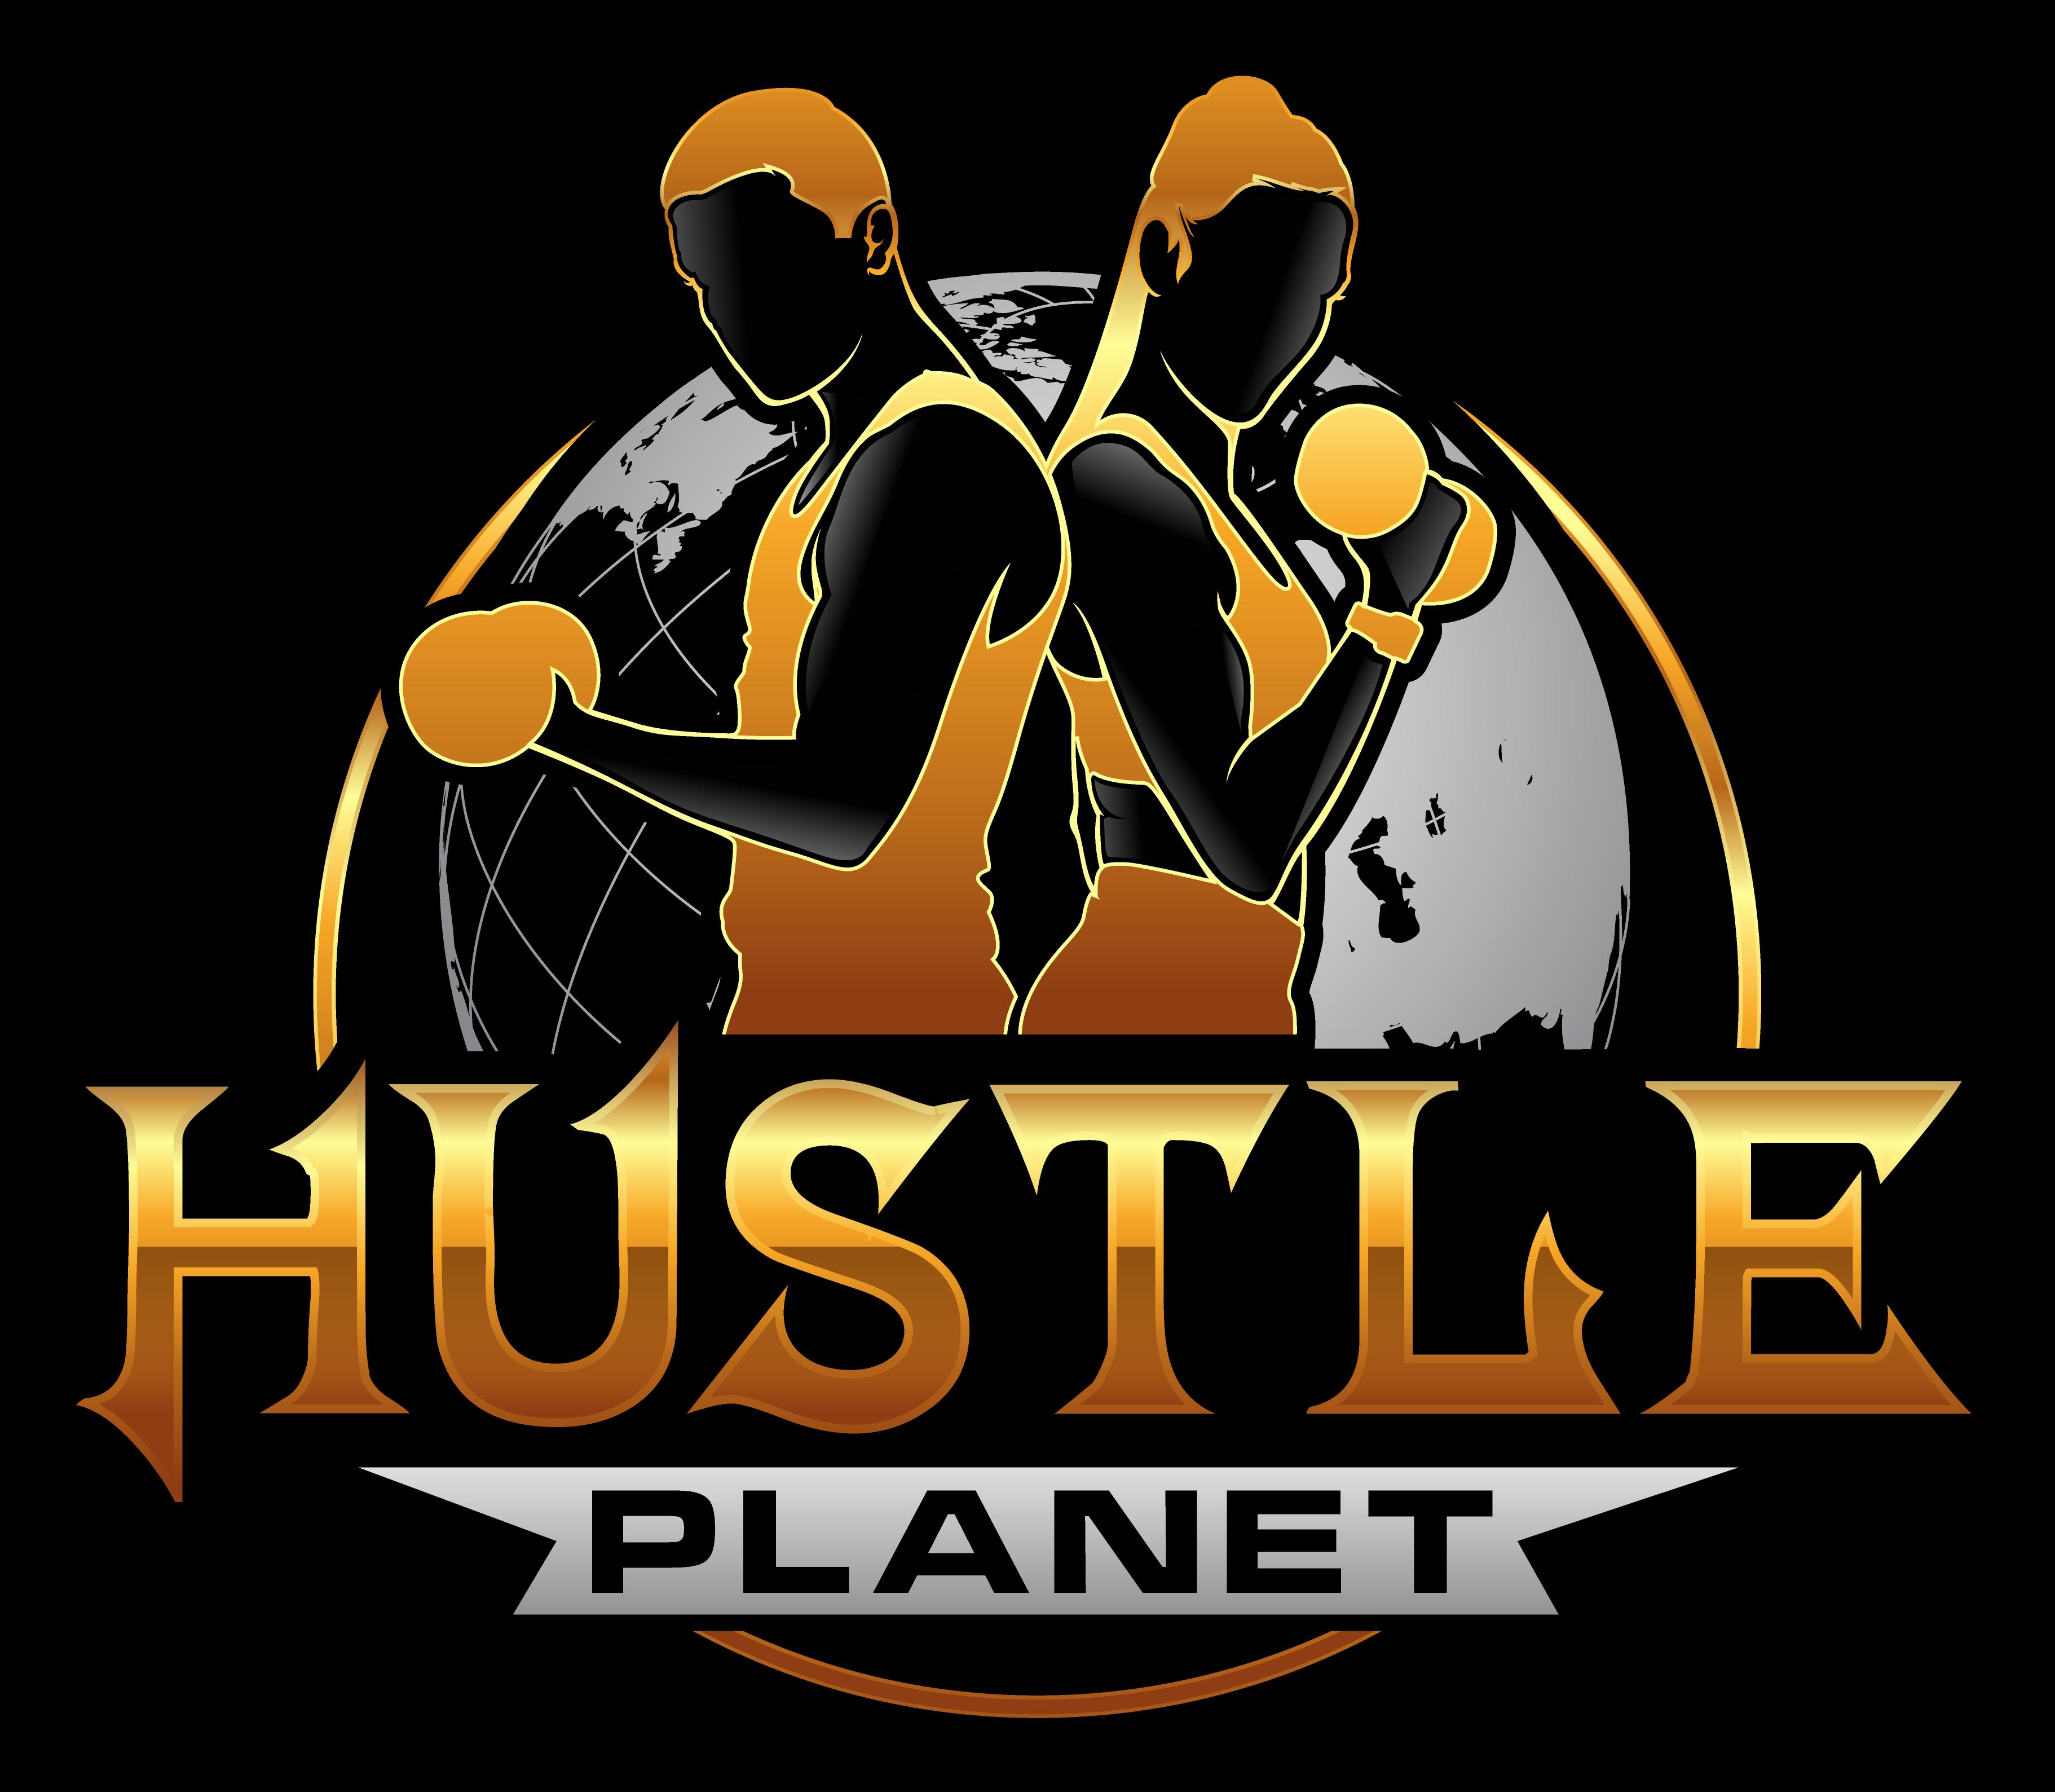 Hustle Planet Logo. Business, Fitness, Motivation, Inspiration, entrepreneur